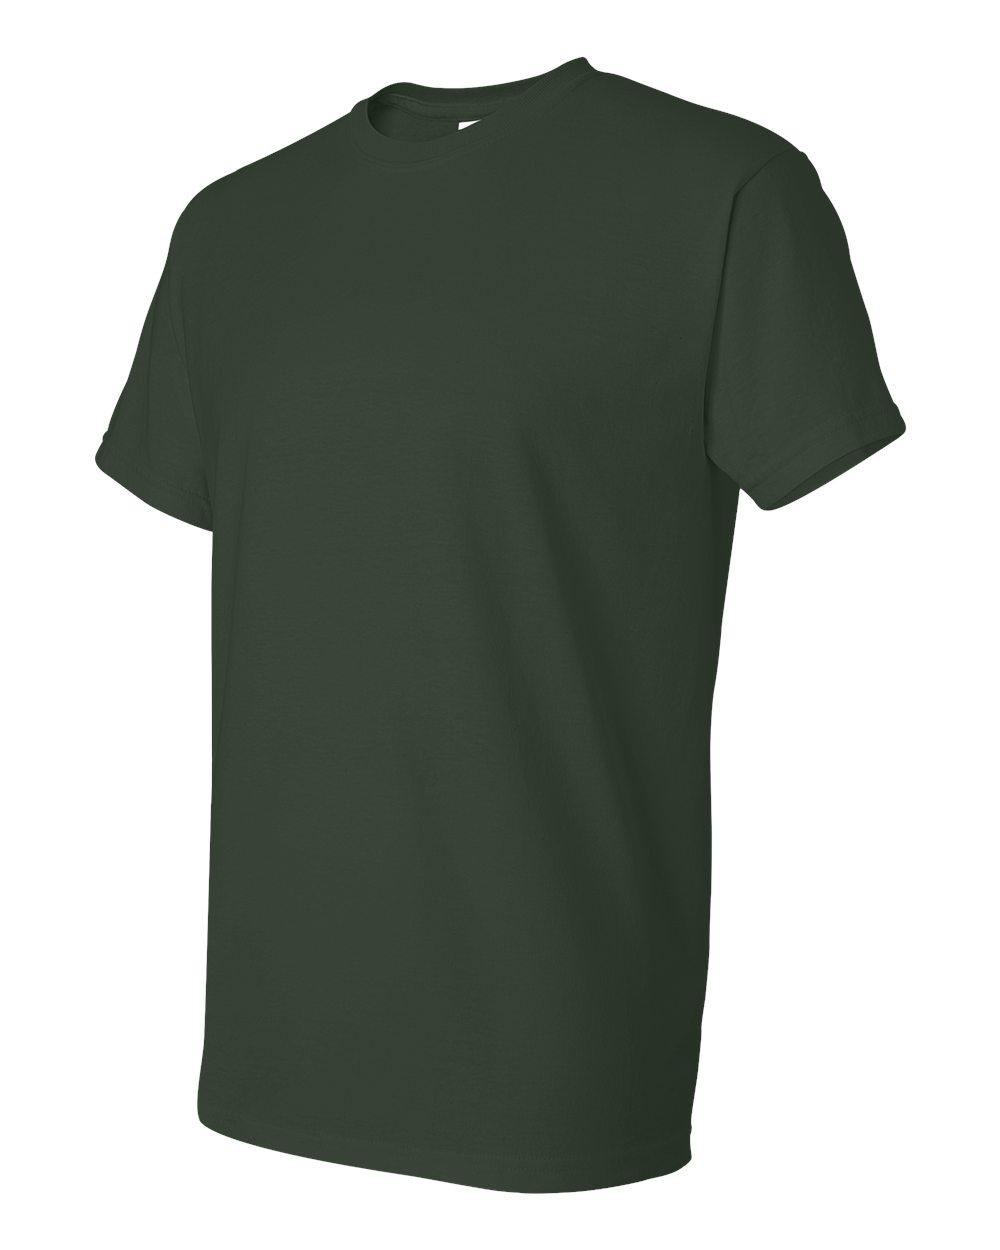 Gildan-Mens-DryBlend-5-6-oz-50-50-T-Shirt-G800-Size-S-5XL thumbnail 26